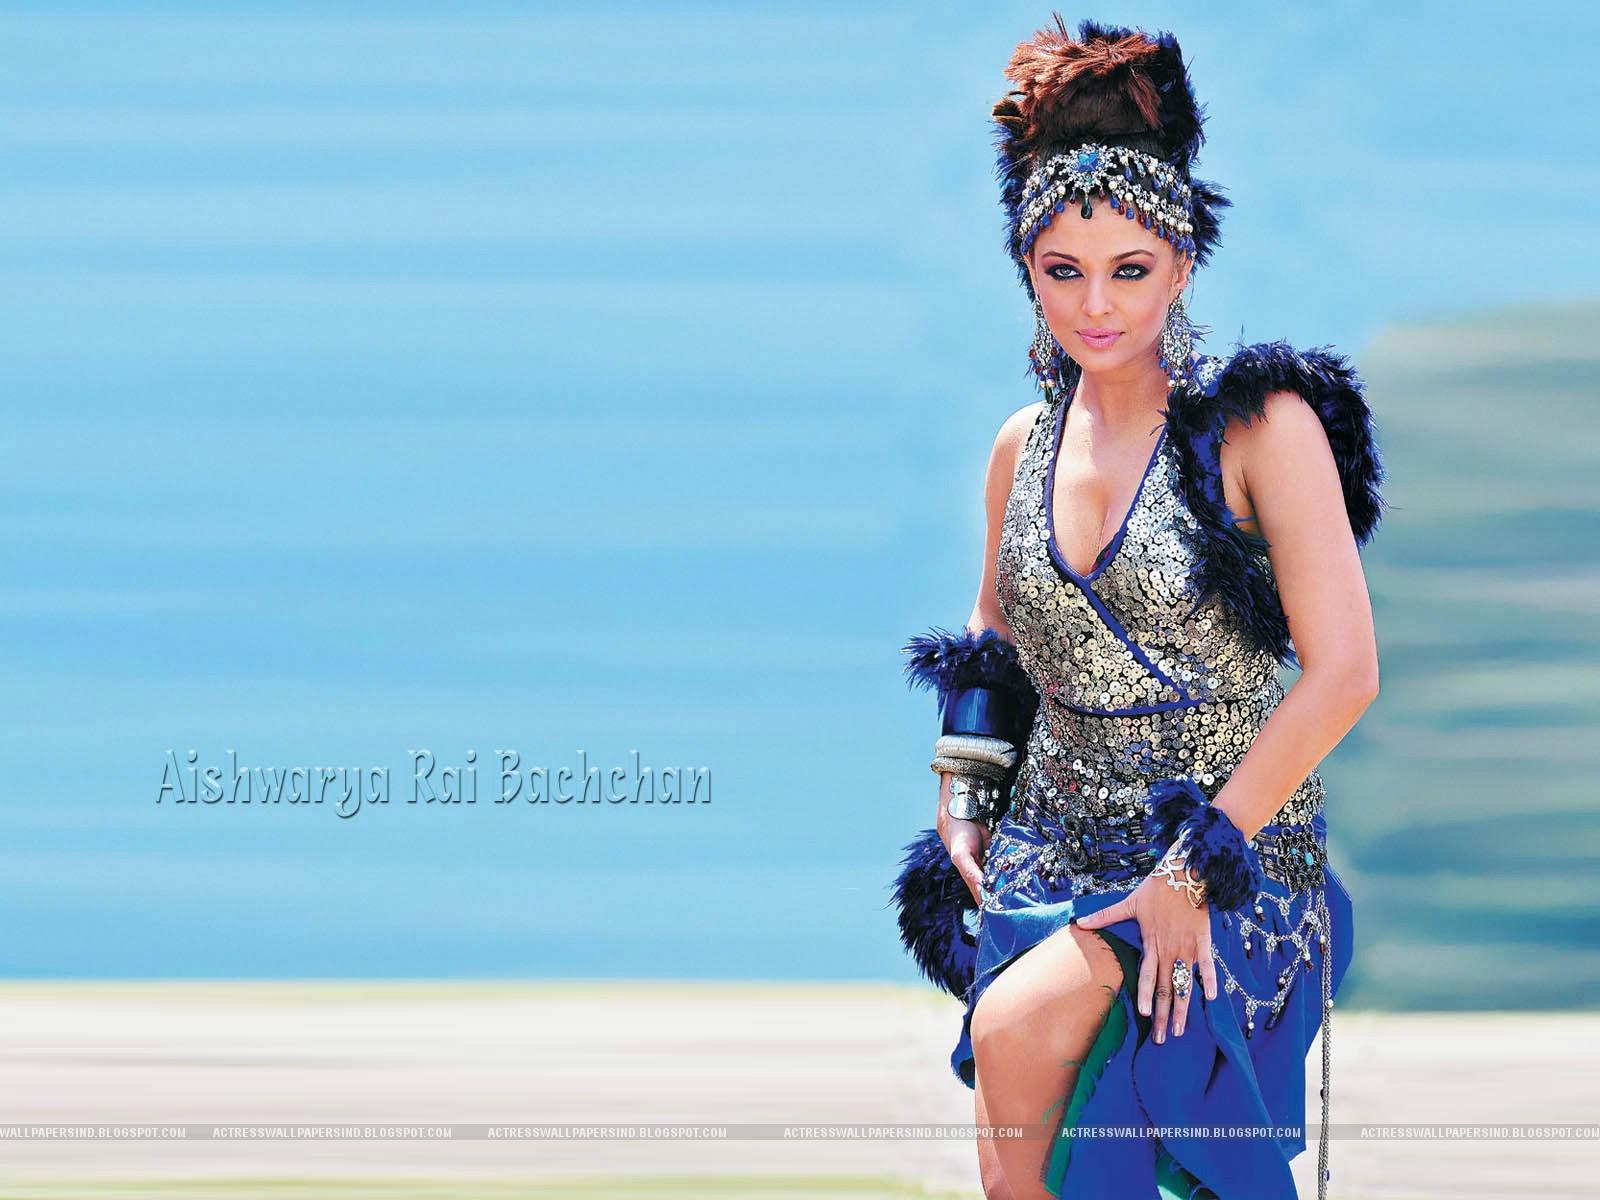 Aishwarya Rai Sexy Image Hd